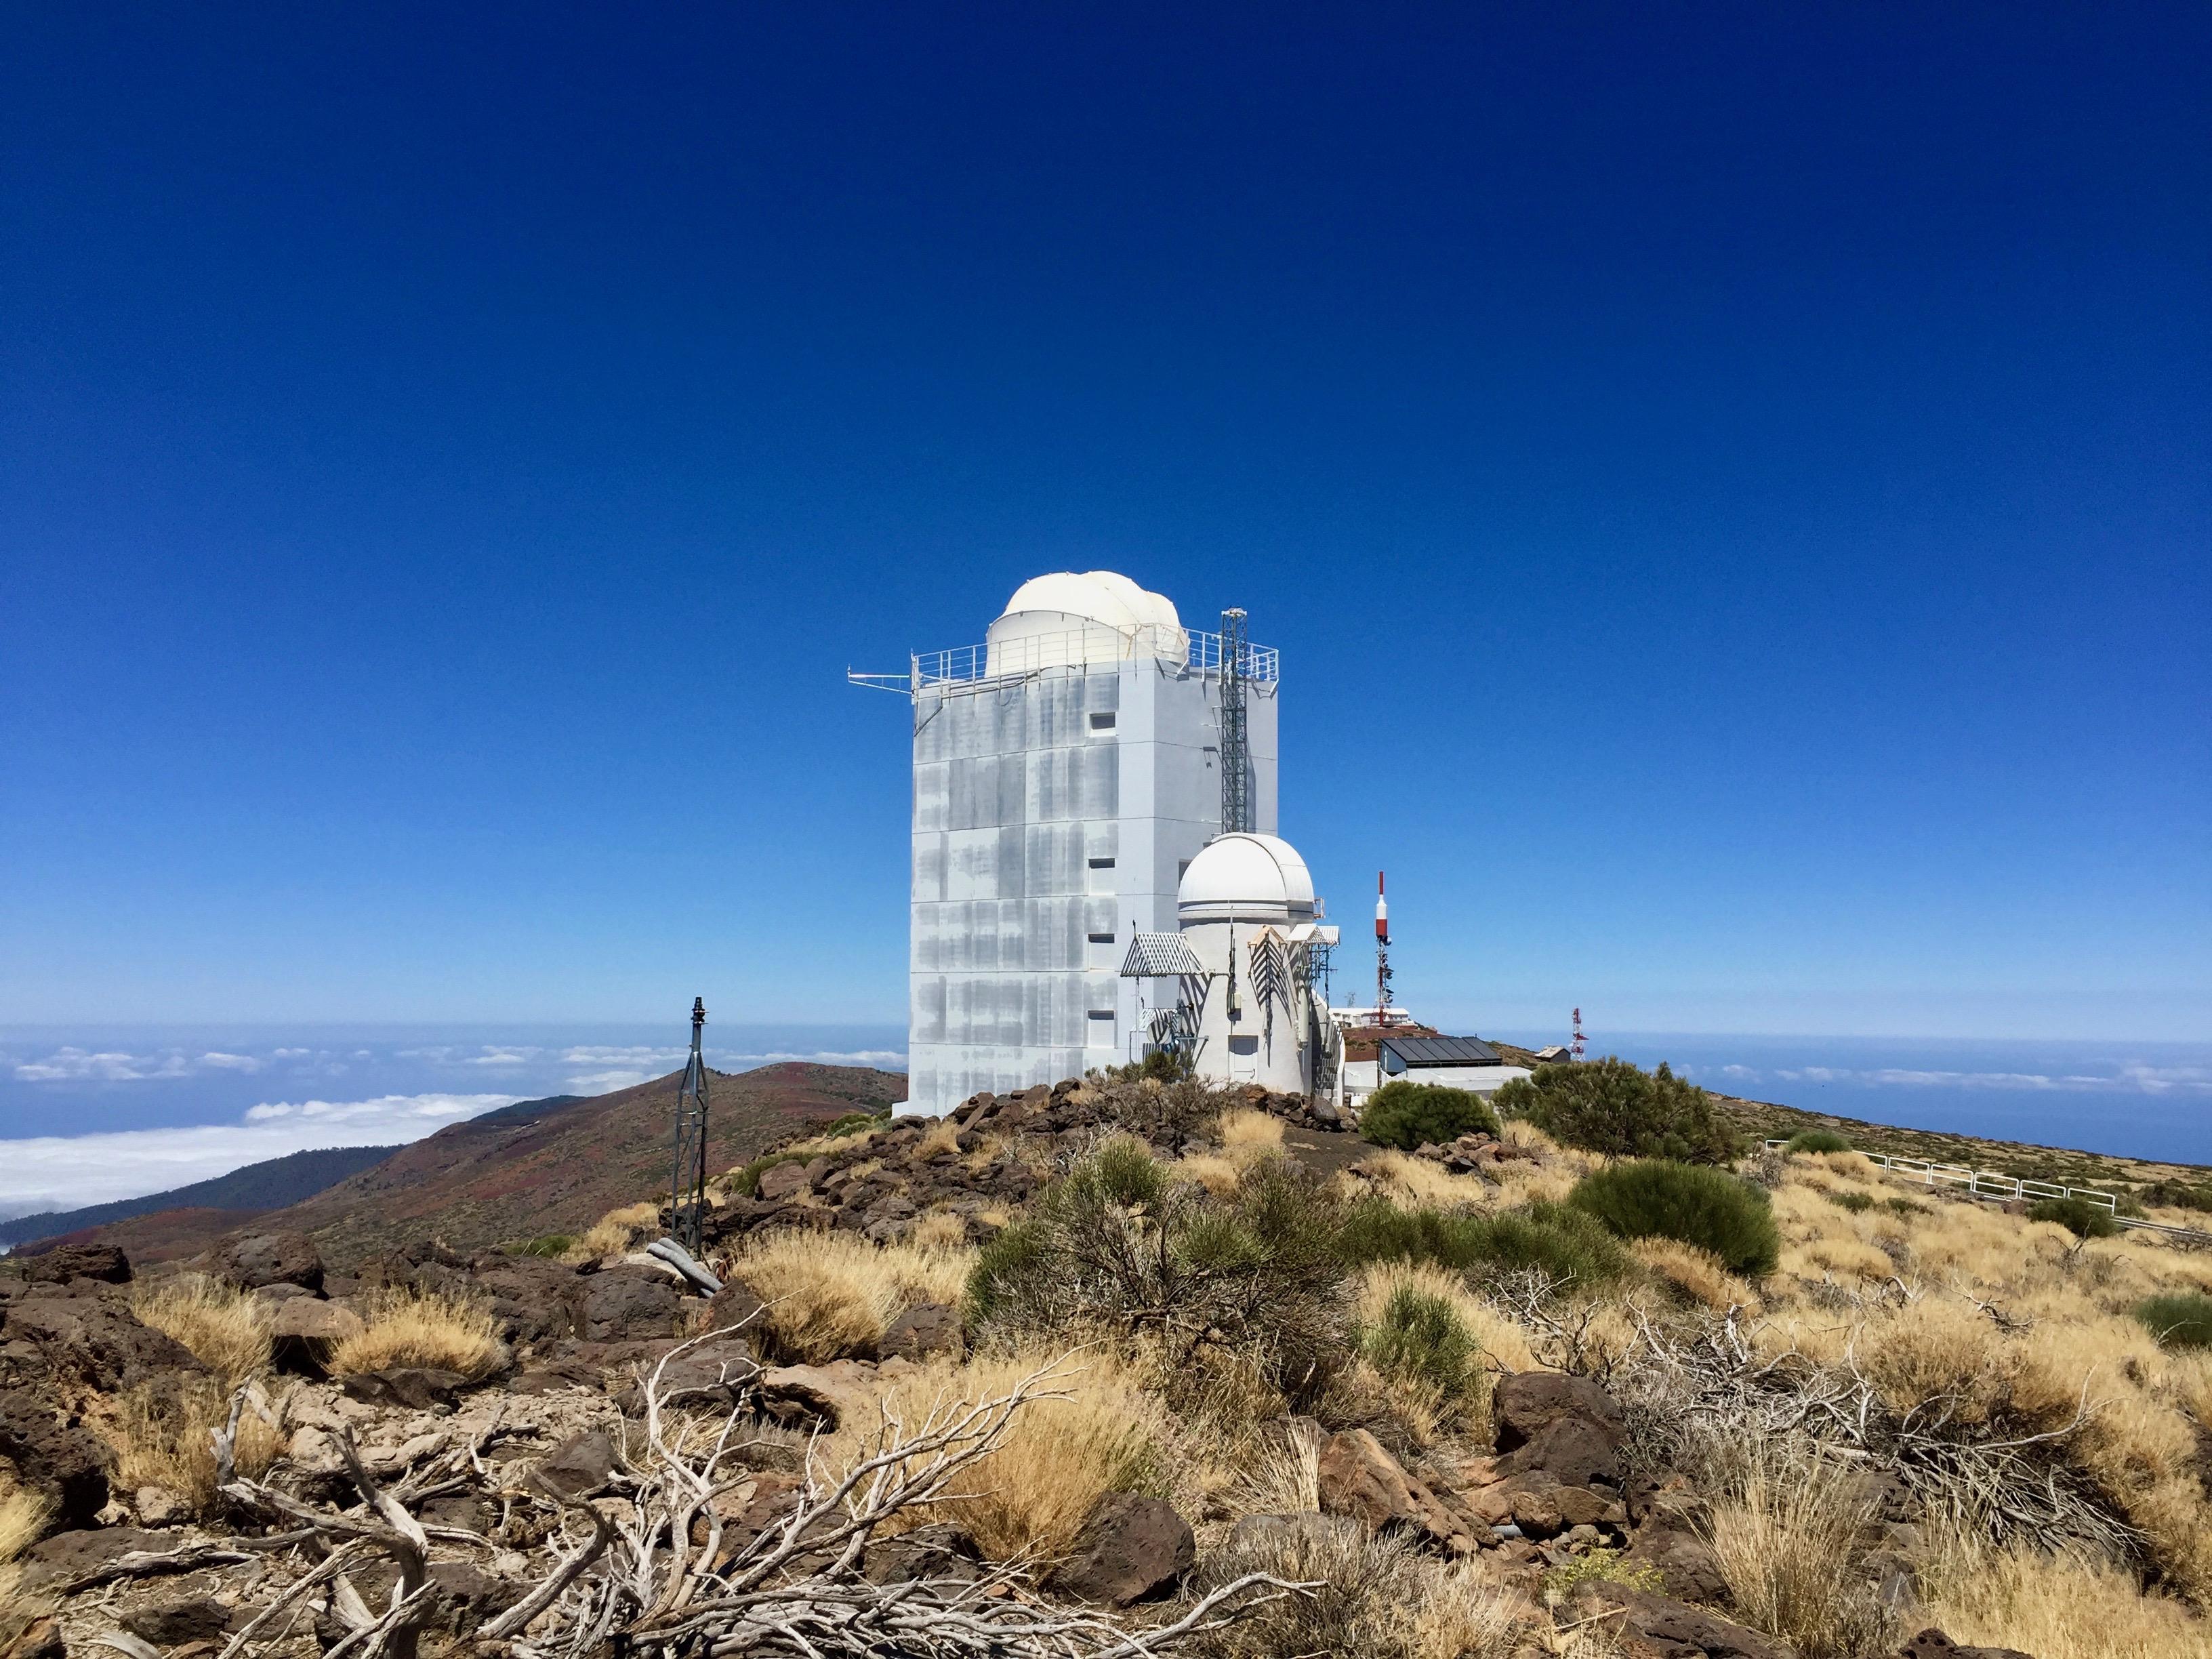 Fantastische Aussicht vom Gelände des Teide Observatorium mit Blick zum Vaccum Tower Telescope.